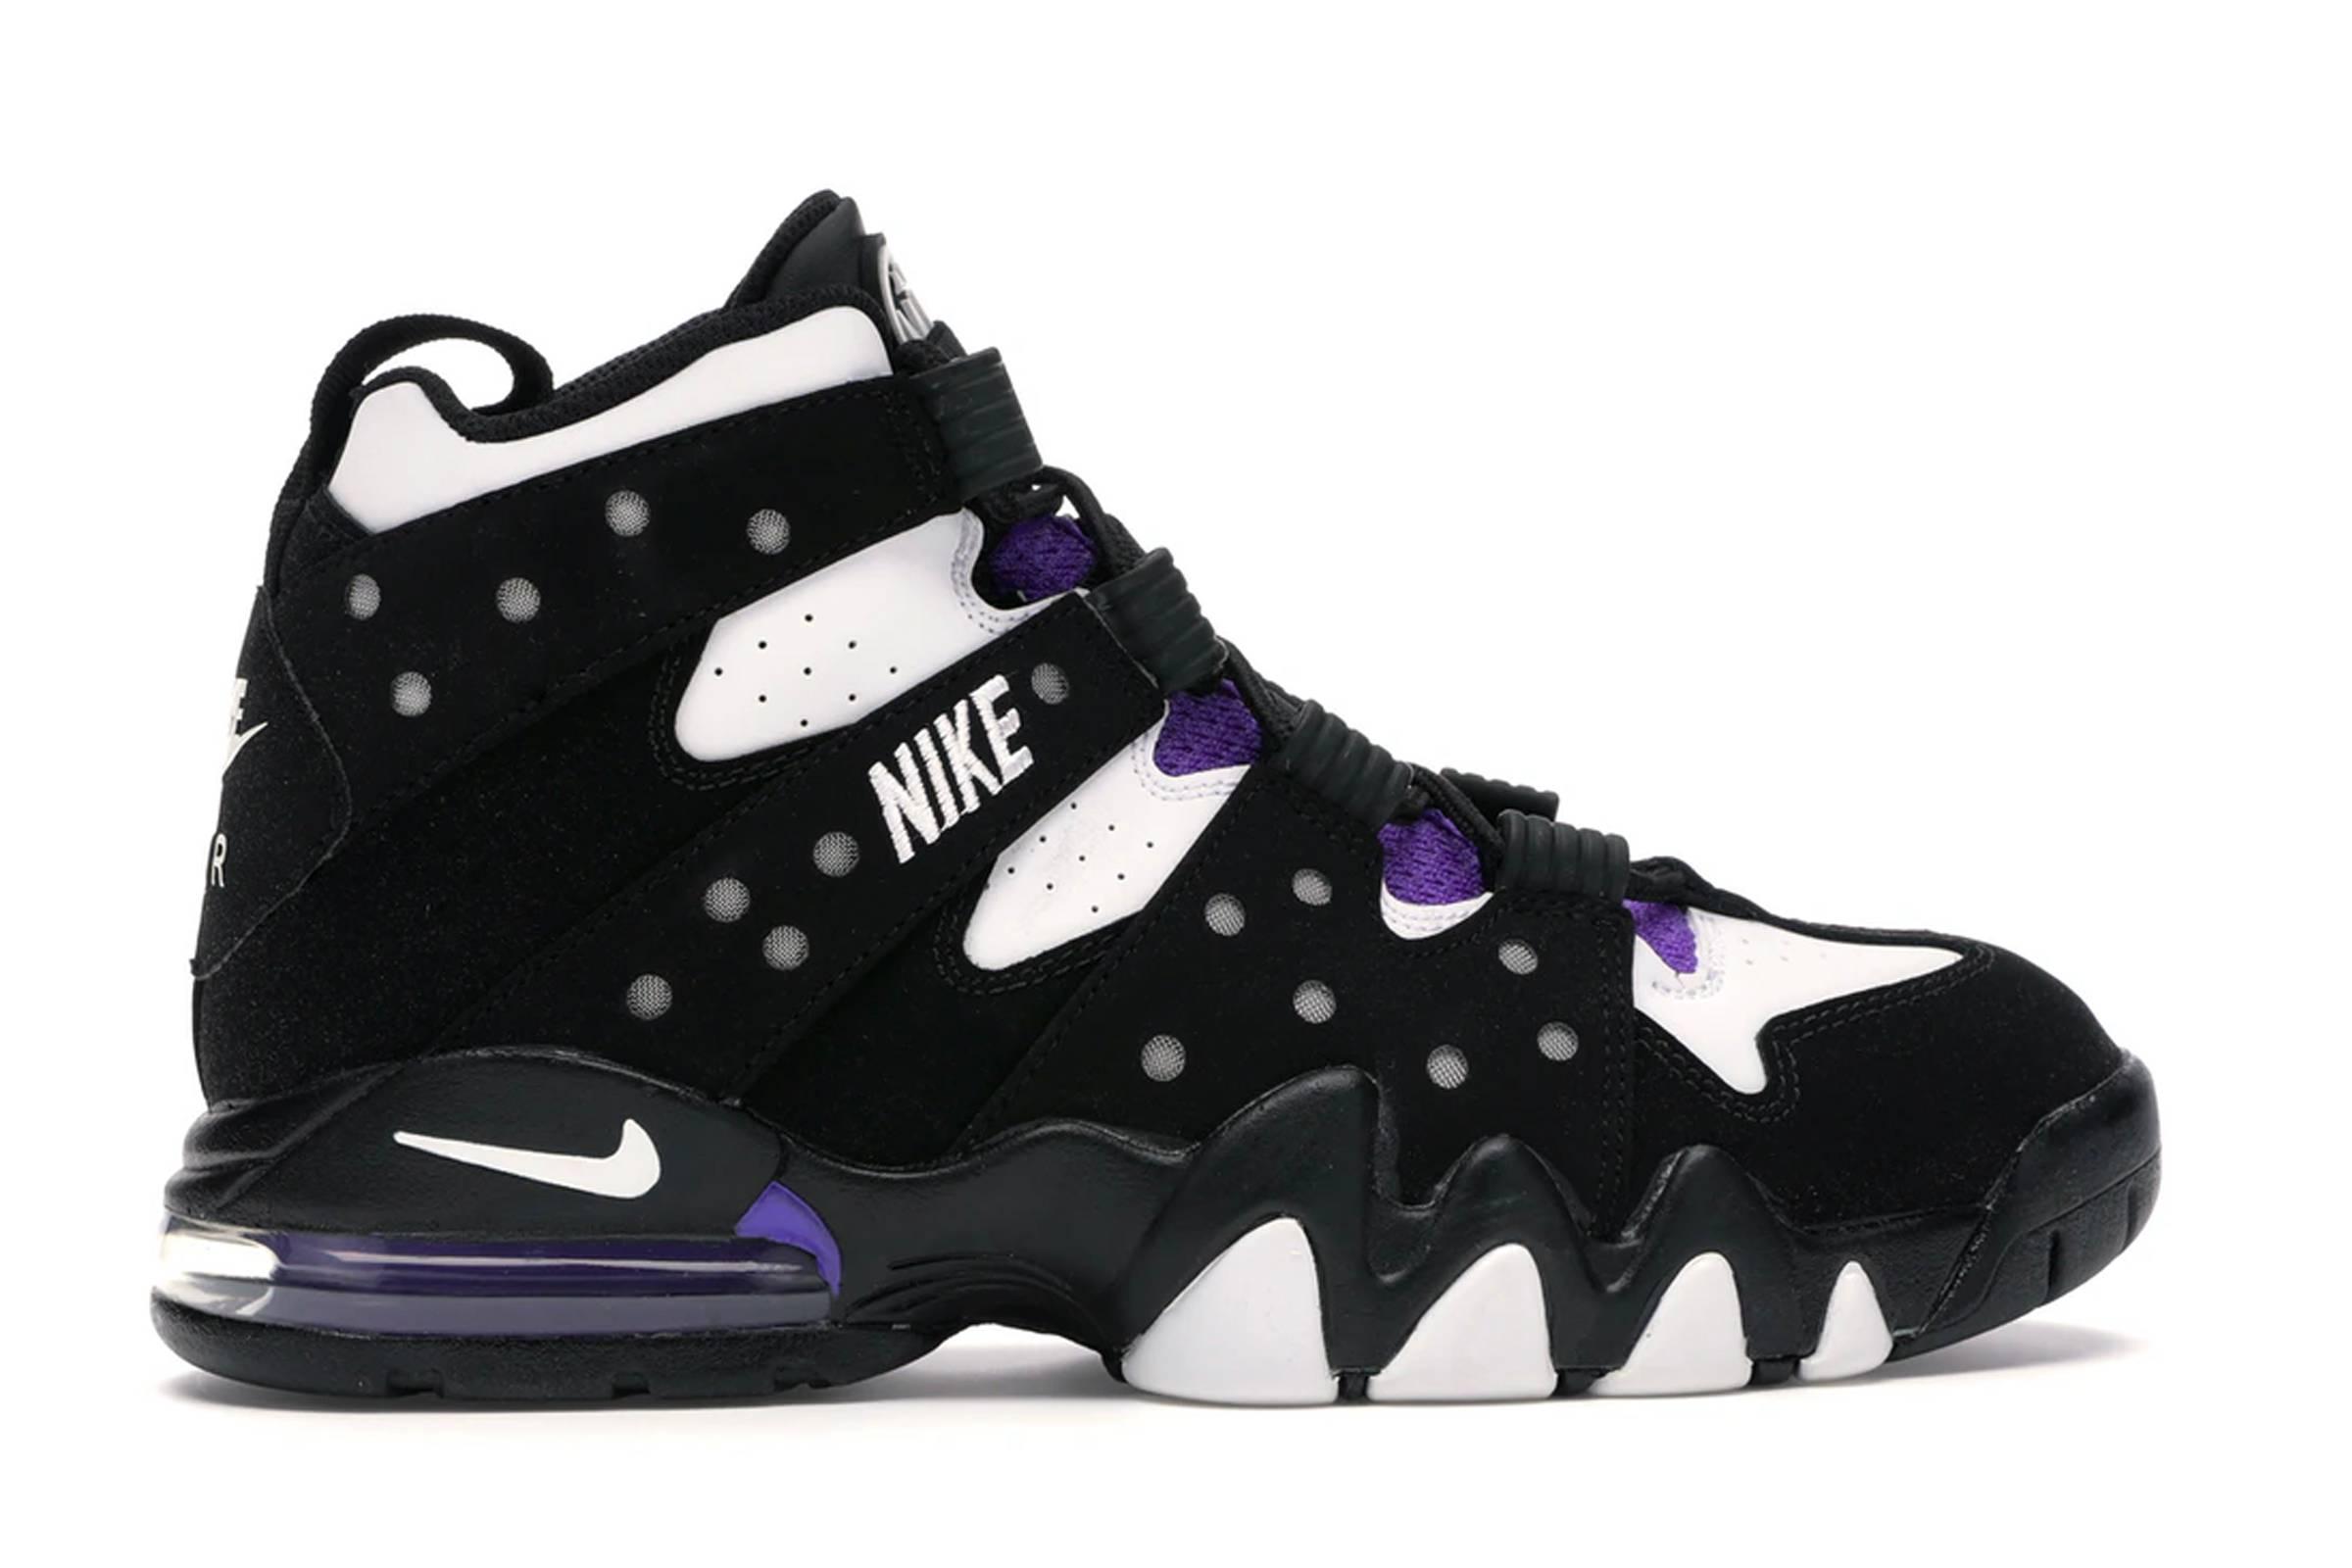 Nike Air Max 2 '94 CB